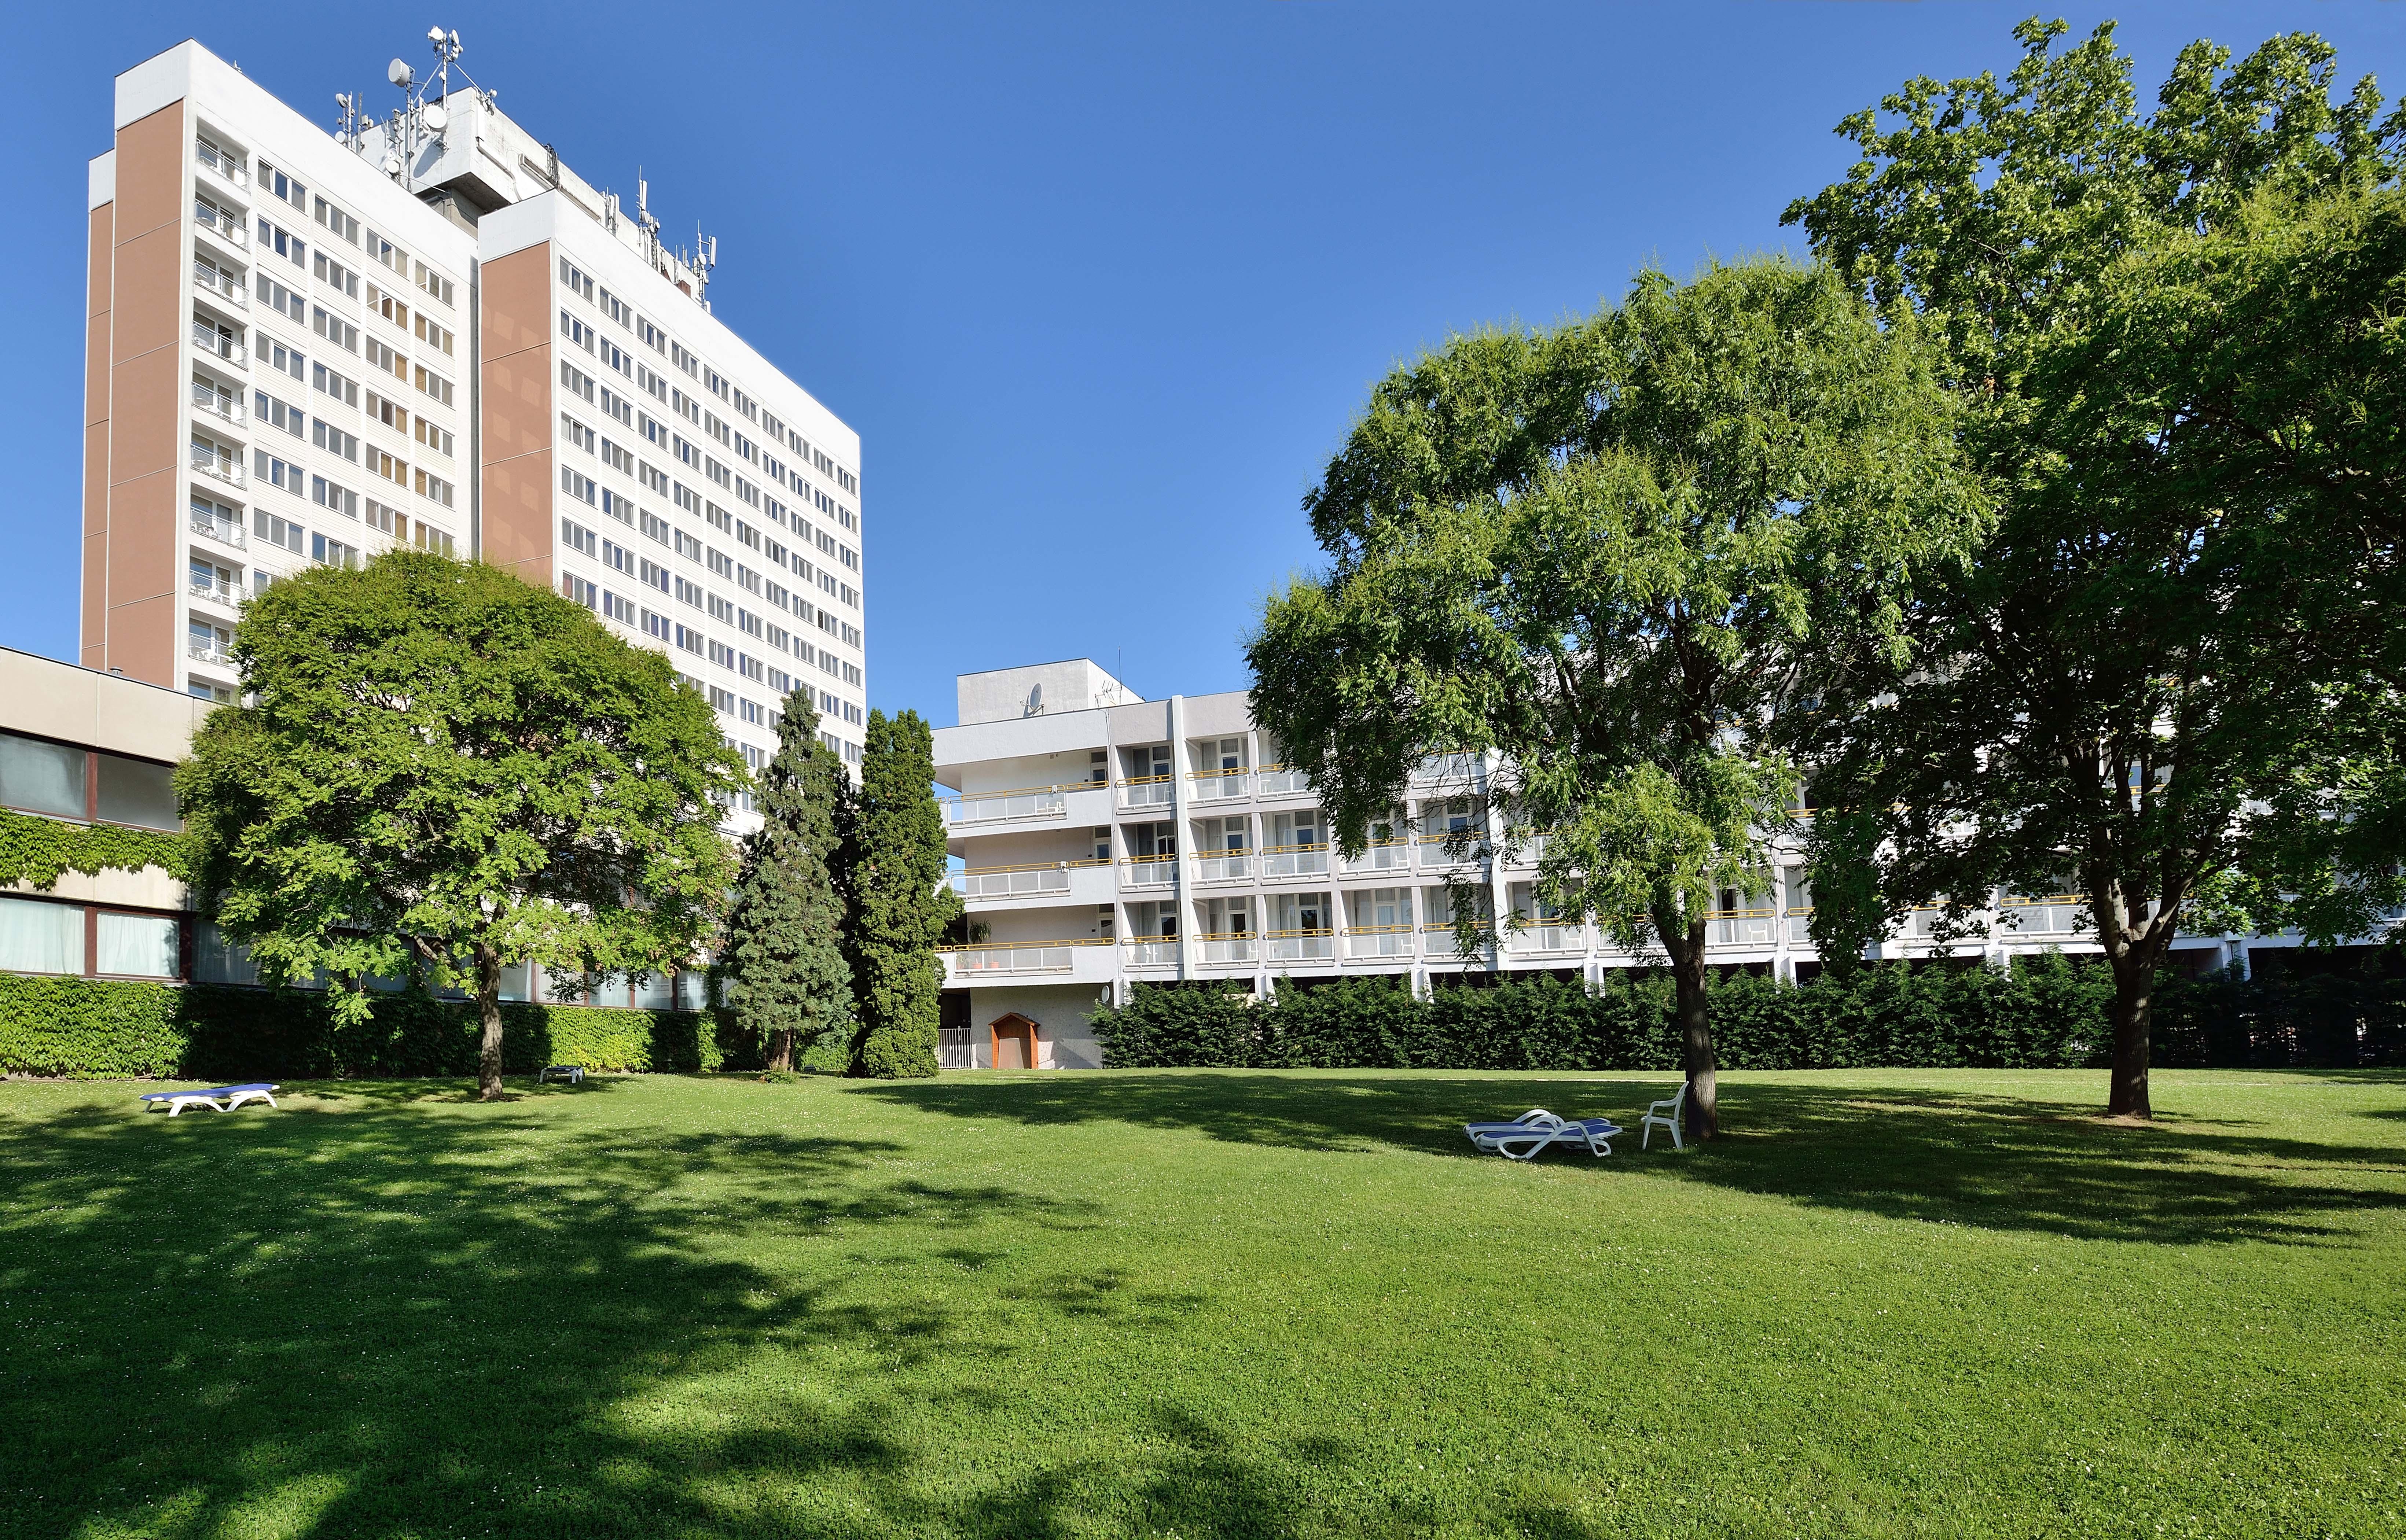 Hotel Marina főépület és Lido